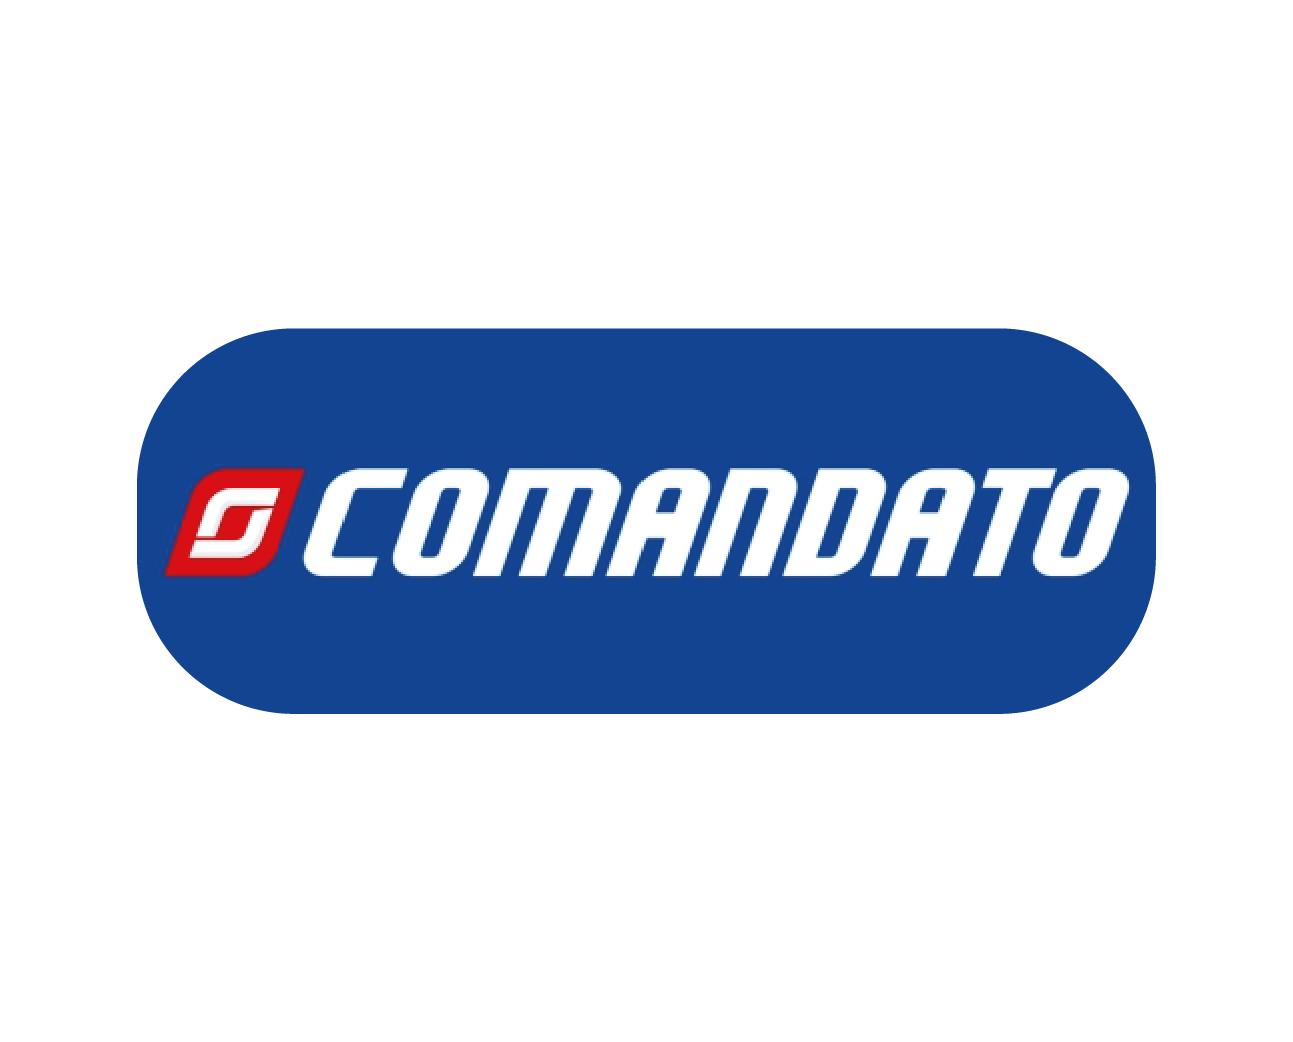 logos-bankard_logo_COmandato